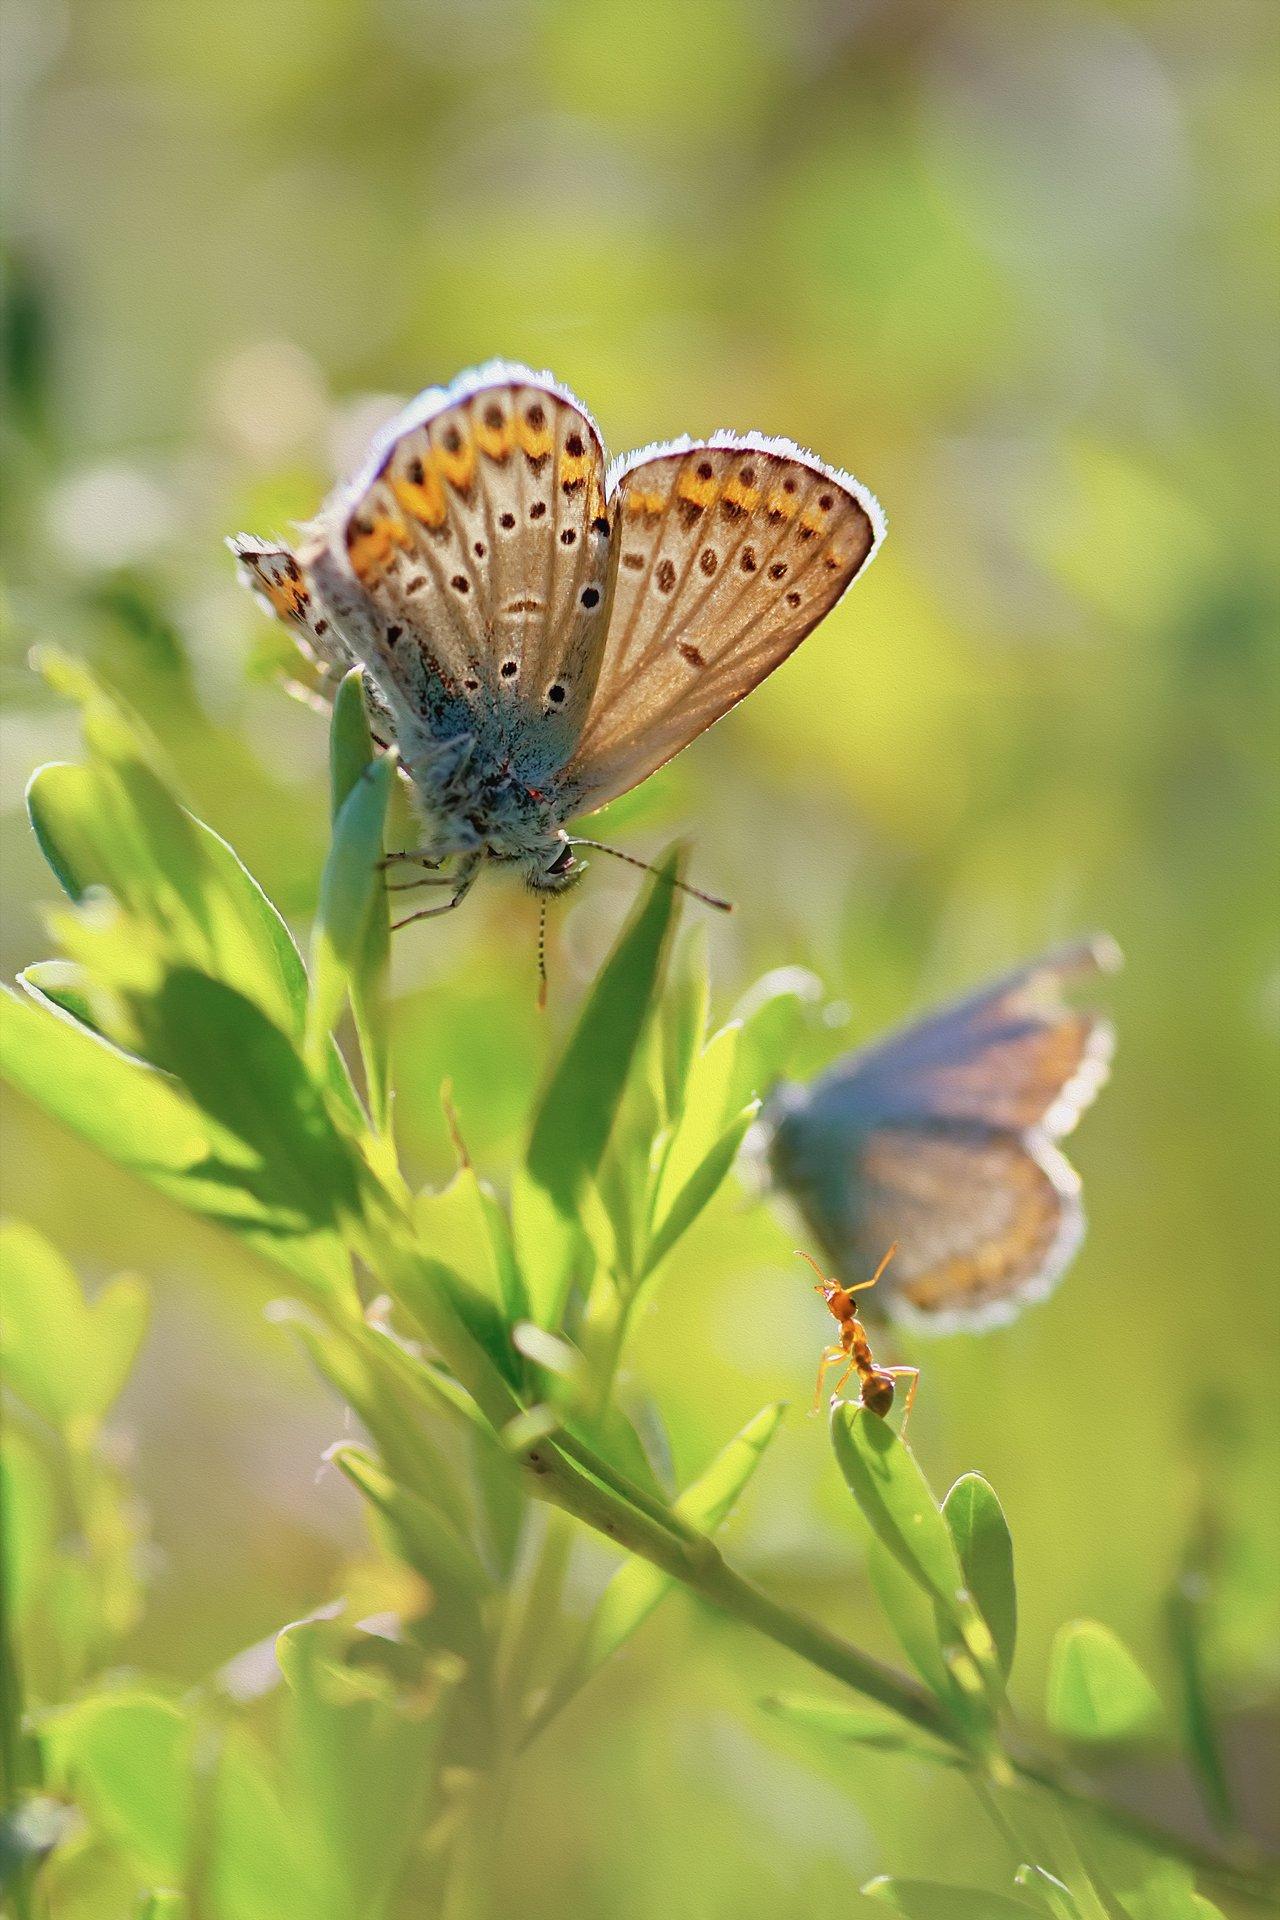 бабочка,ветка,цвет,красный,желтый,крылья,муравей, Котов Юрий